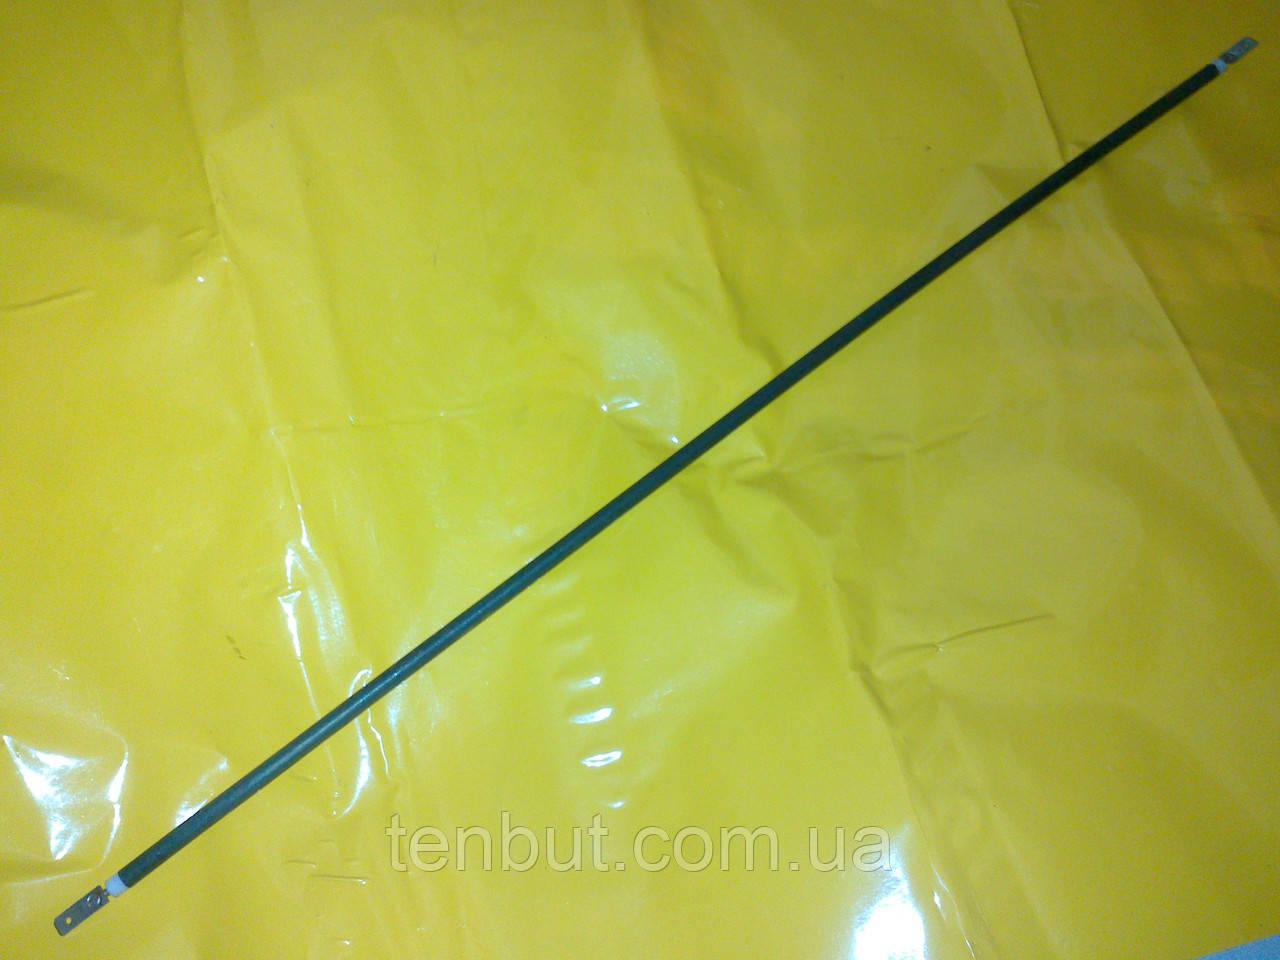 Гибкий воздушный тэн Ф-6 мм./ L-190 см./ 1,8 кВт. производство Турция Sanal